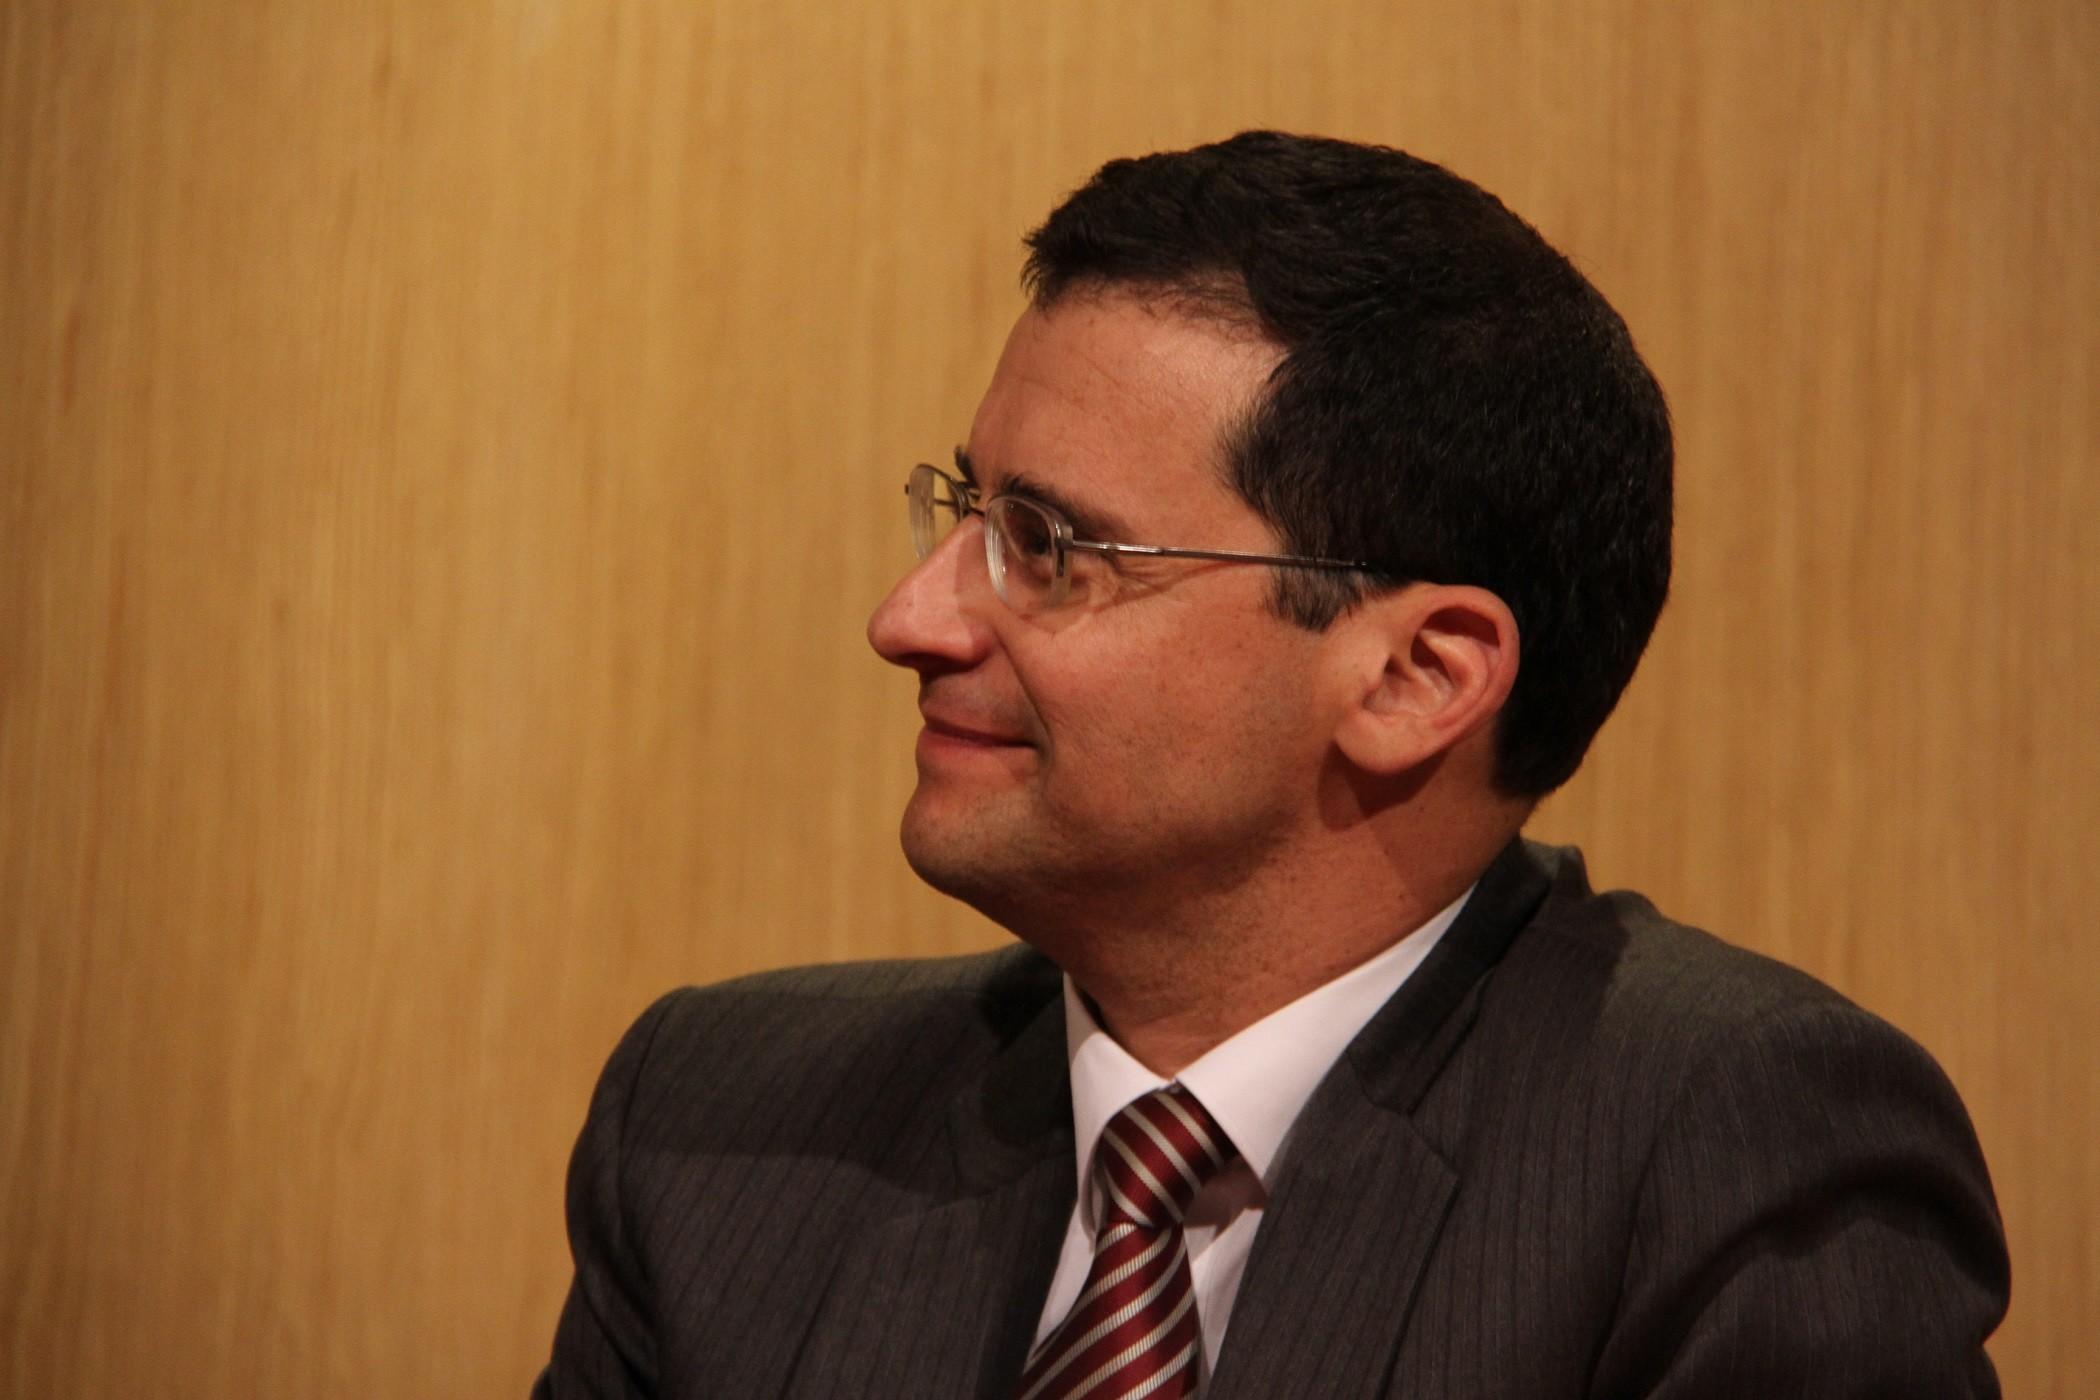 José Chávez-Fernández Postigo